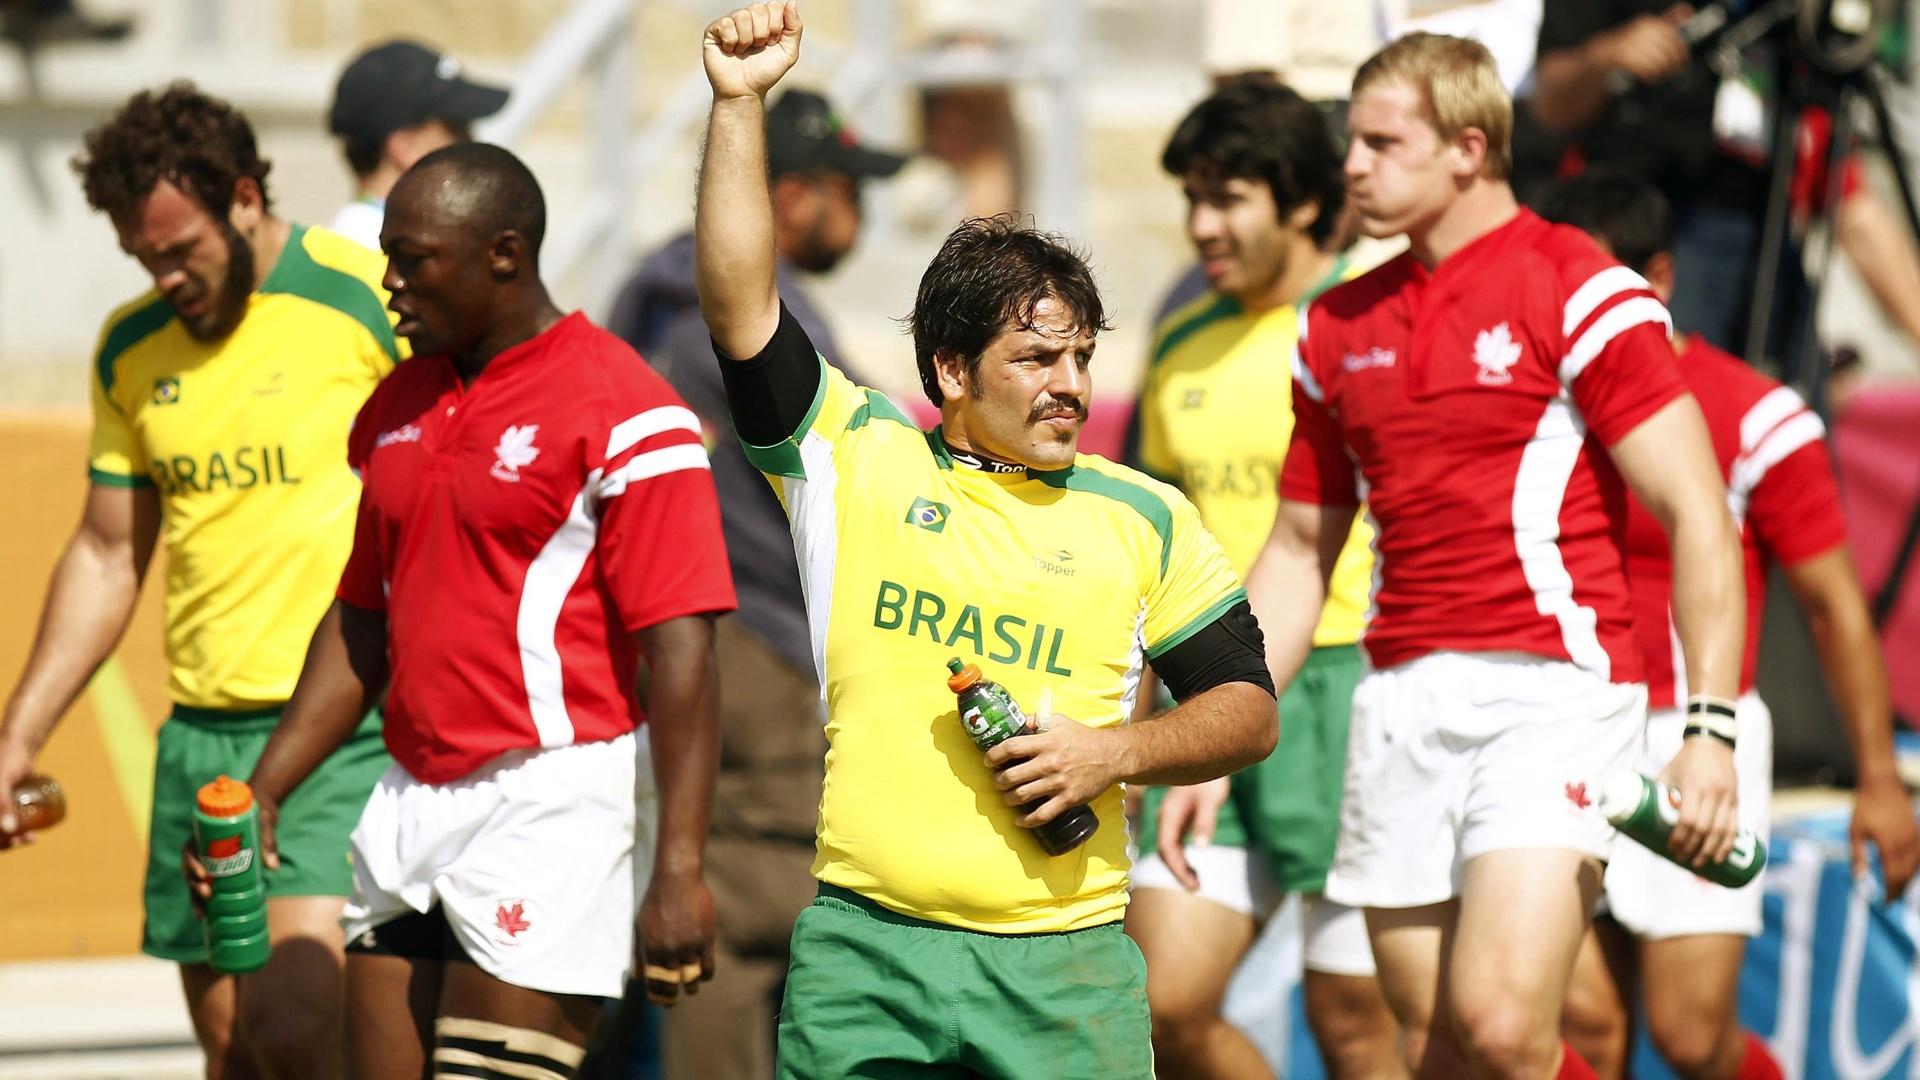 Seleção de rúgbi estreou perdendo de 45 a 0 para o Canadá, mas se recuperou e avançou em terceiro do grupo para a próxima fase (29/10/2011)